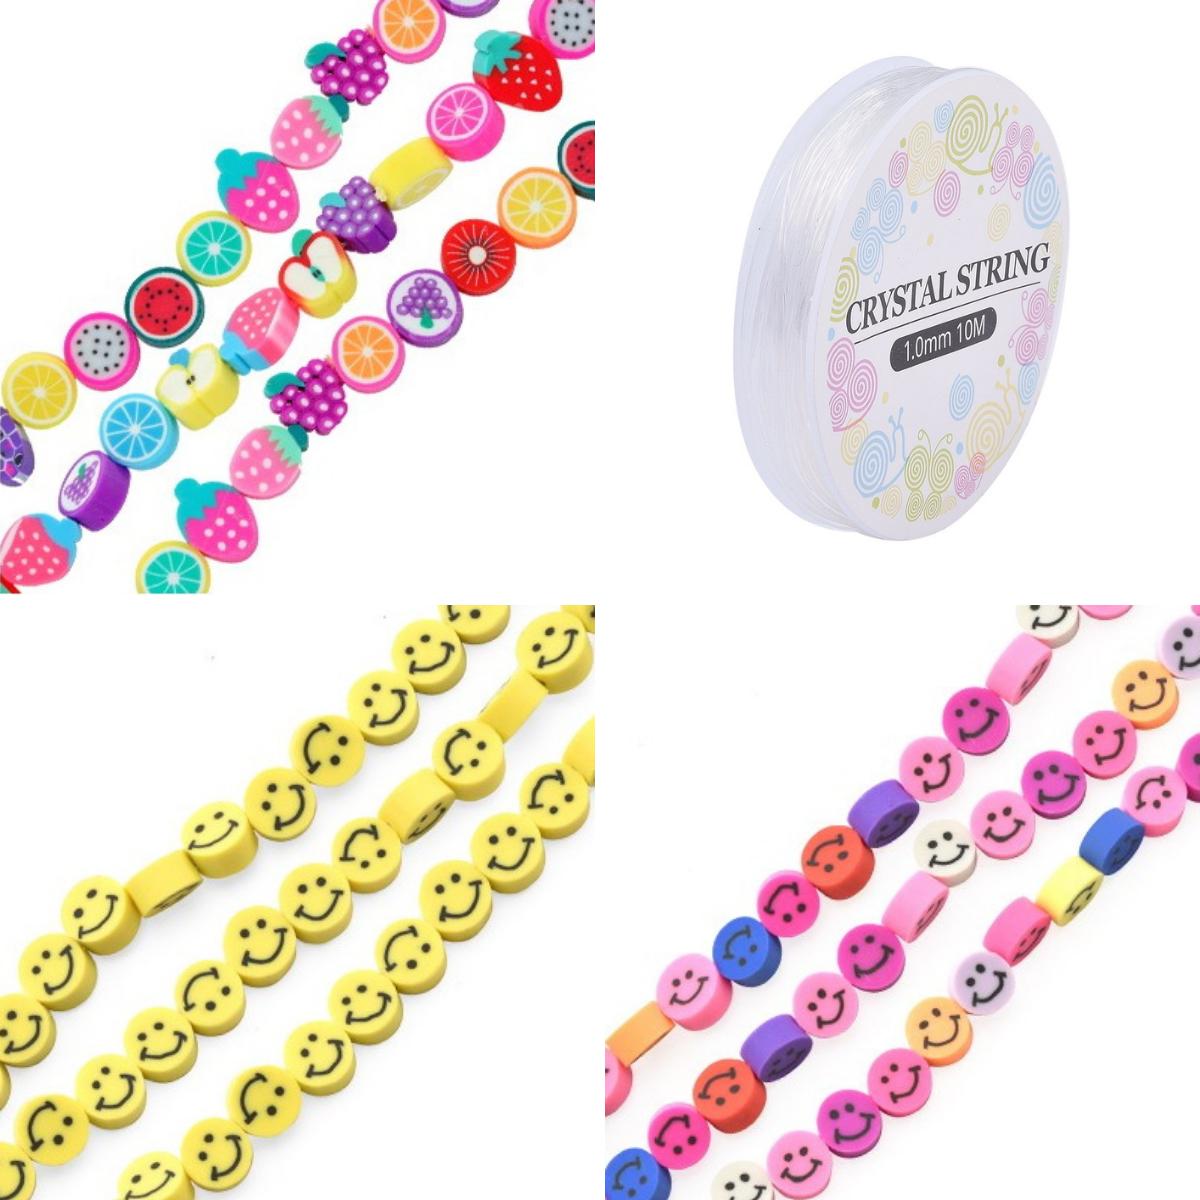 Bastel Perlen Set Smileys, Früchte, Armband Perlen aus Polymer Clay